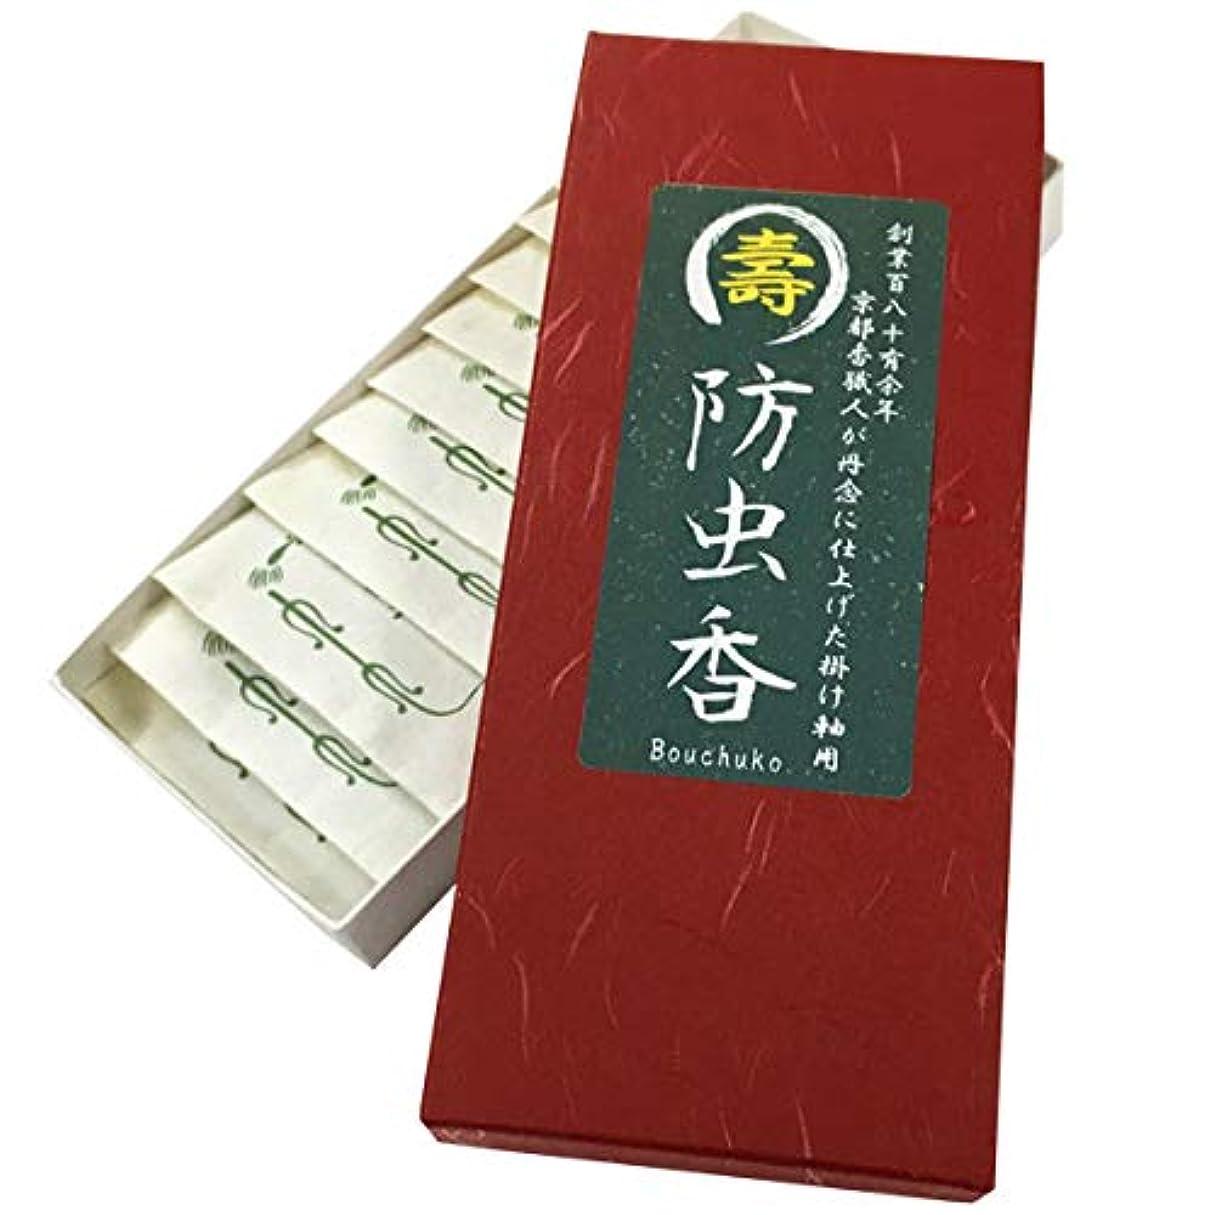 ウルルダイアクリティカル選挙掛軸防虫香 壽印の防虫香 1袋10箱入り